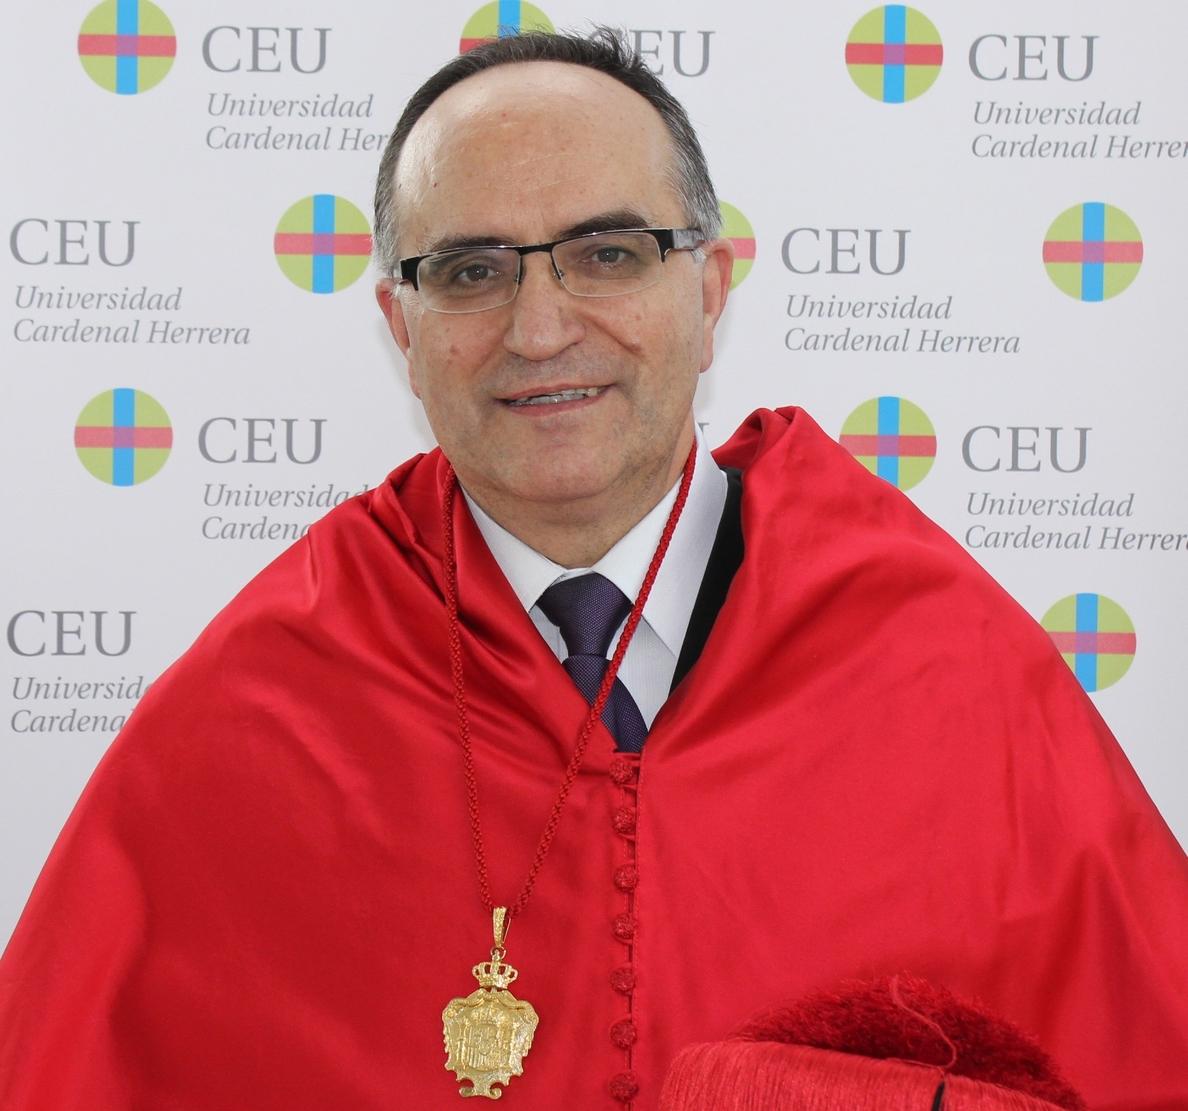 Remigio Beneyto, catedrático de Derecho Eclesiástico de la CEU-UCH, ingresa en la Real Academia de Jurisprudencia